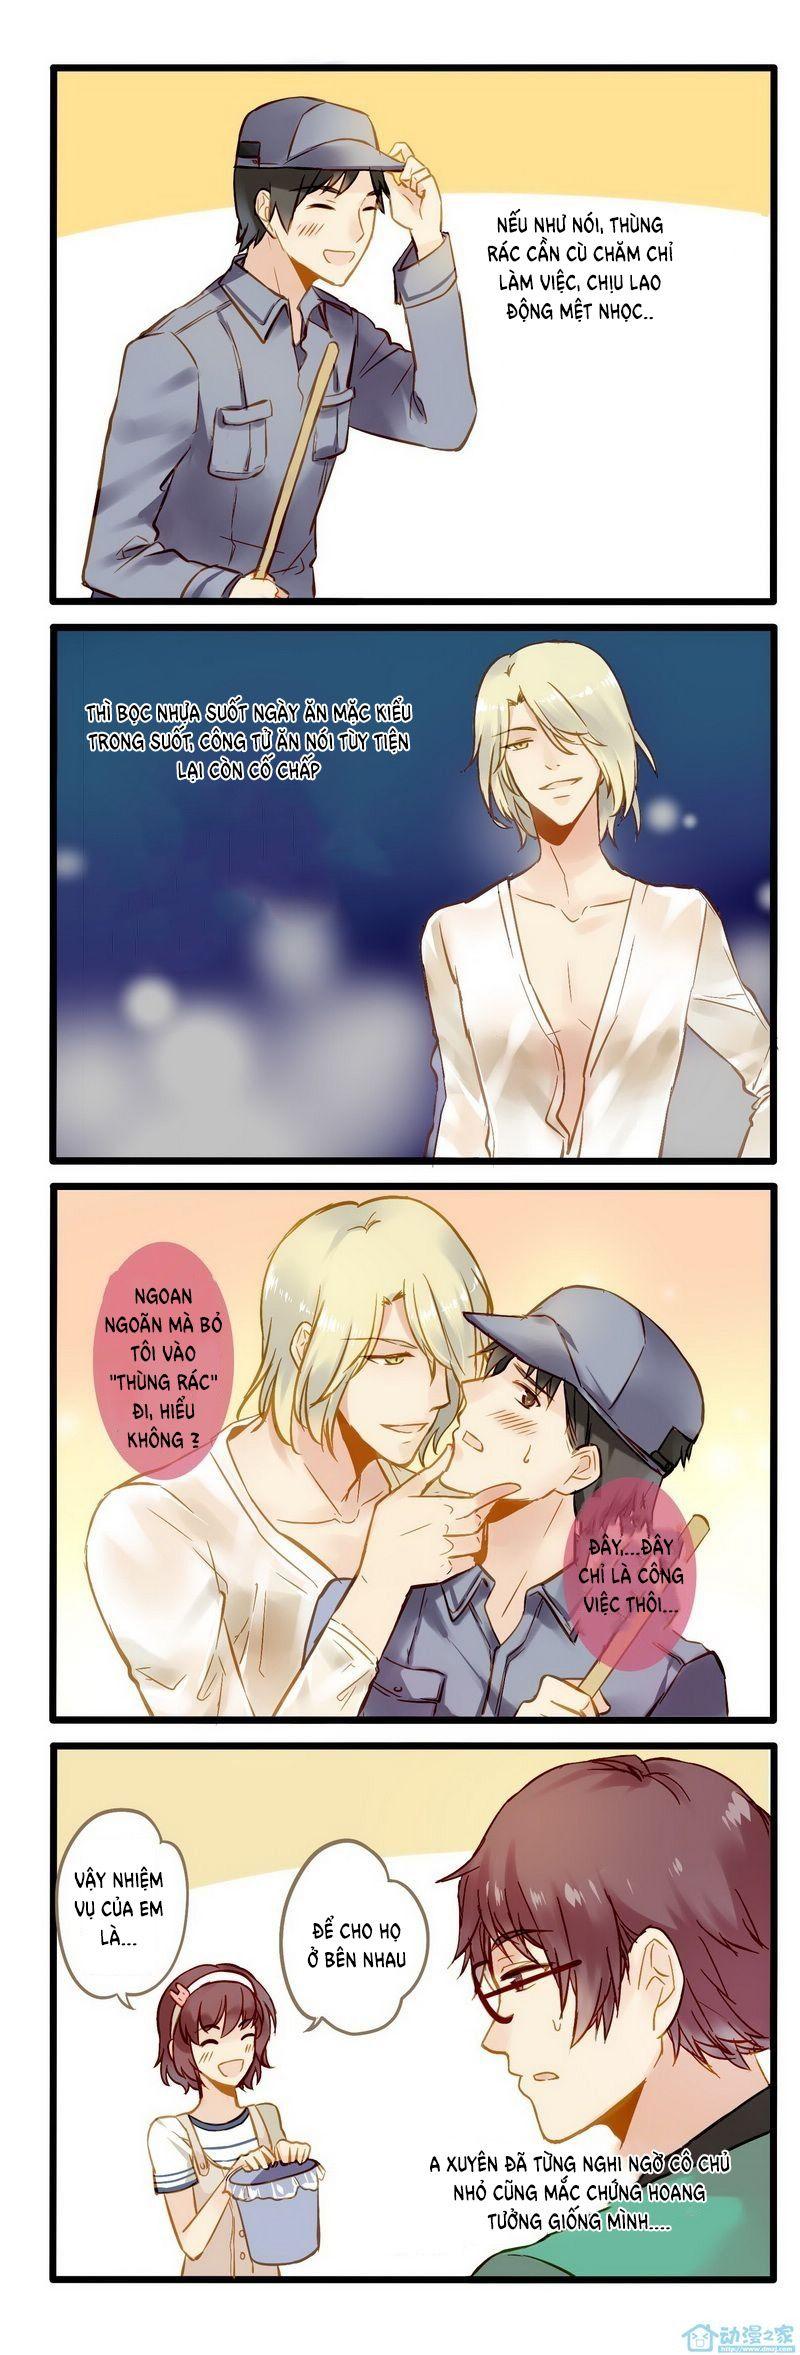 Hằng Mộng Nam Thần Chap 3 Mới nhất TT8 Love story